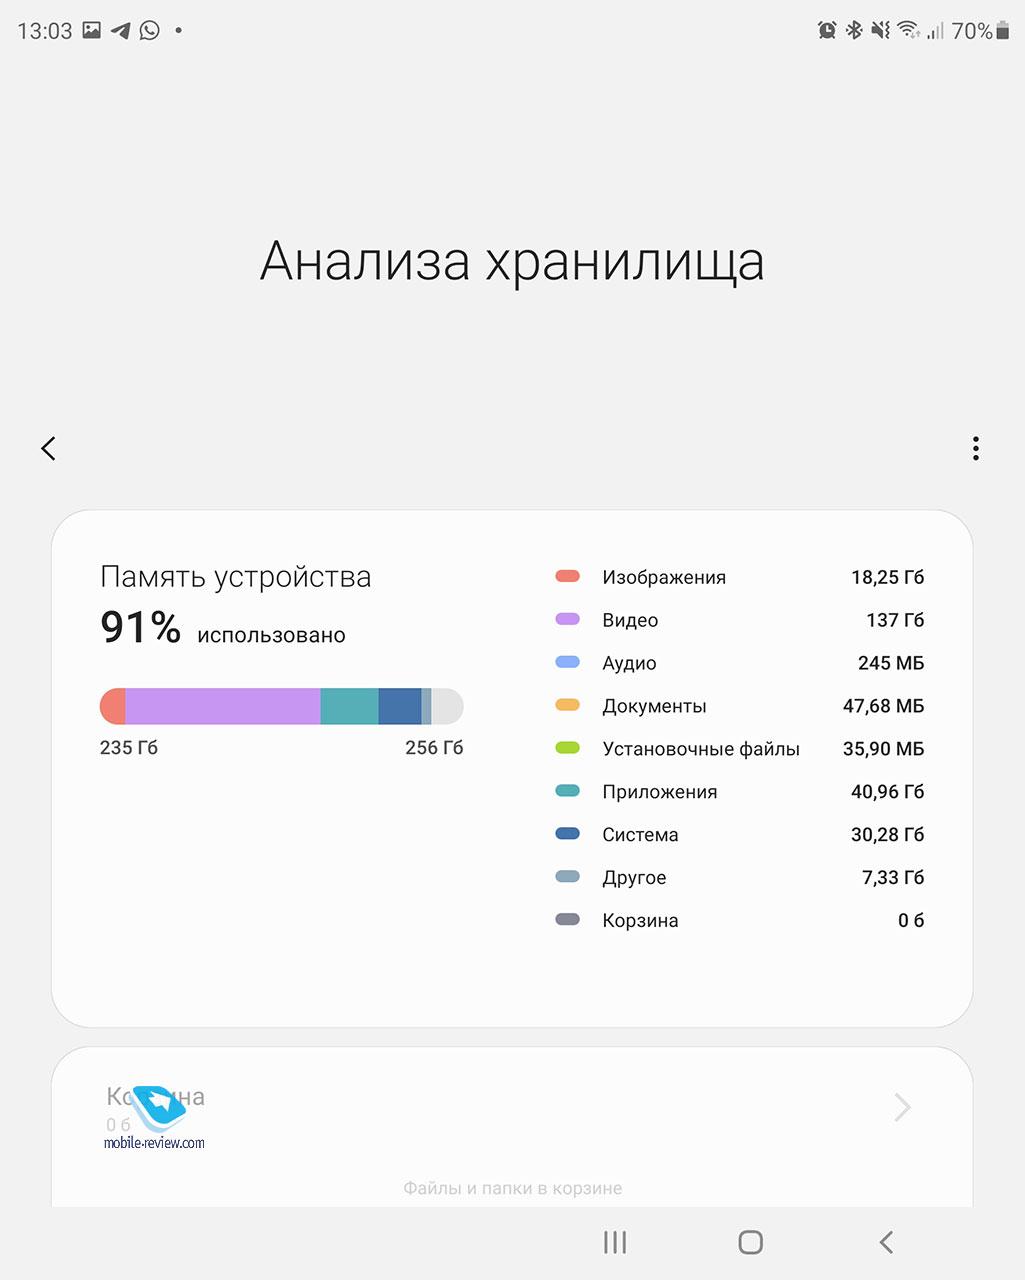 Как правильно выбрать объем памяти в смартфоне гаджеты,Интернет,мобильные телефоны,наука,Россия,смартфоны,советы,телефоны,техника,технологии,электроника